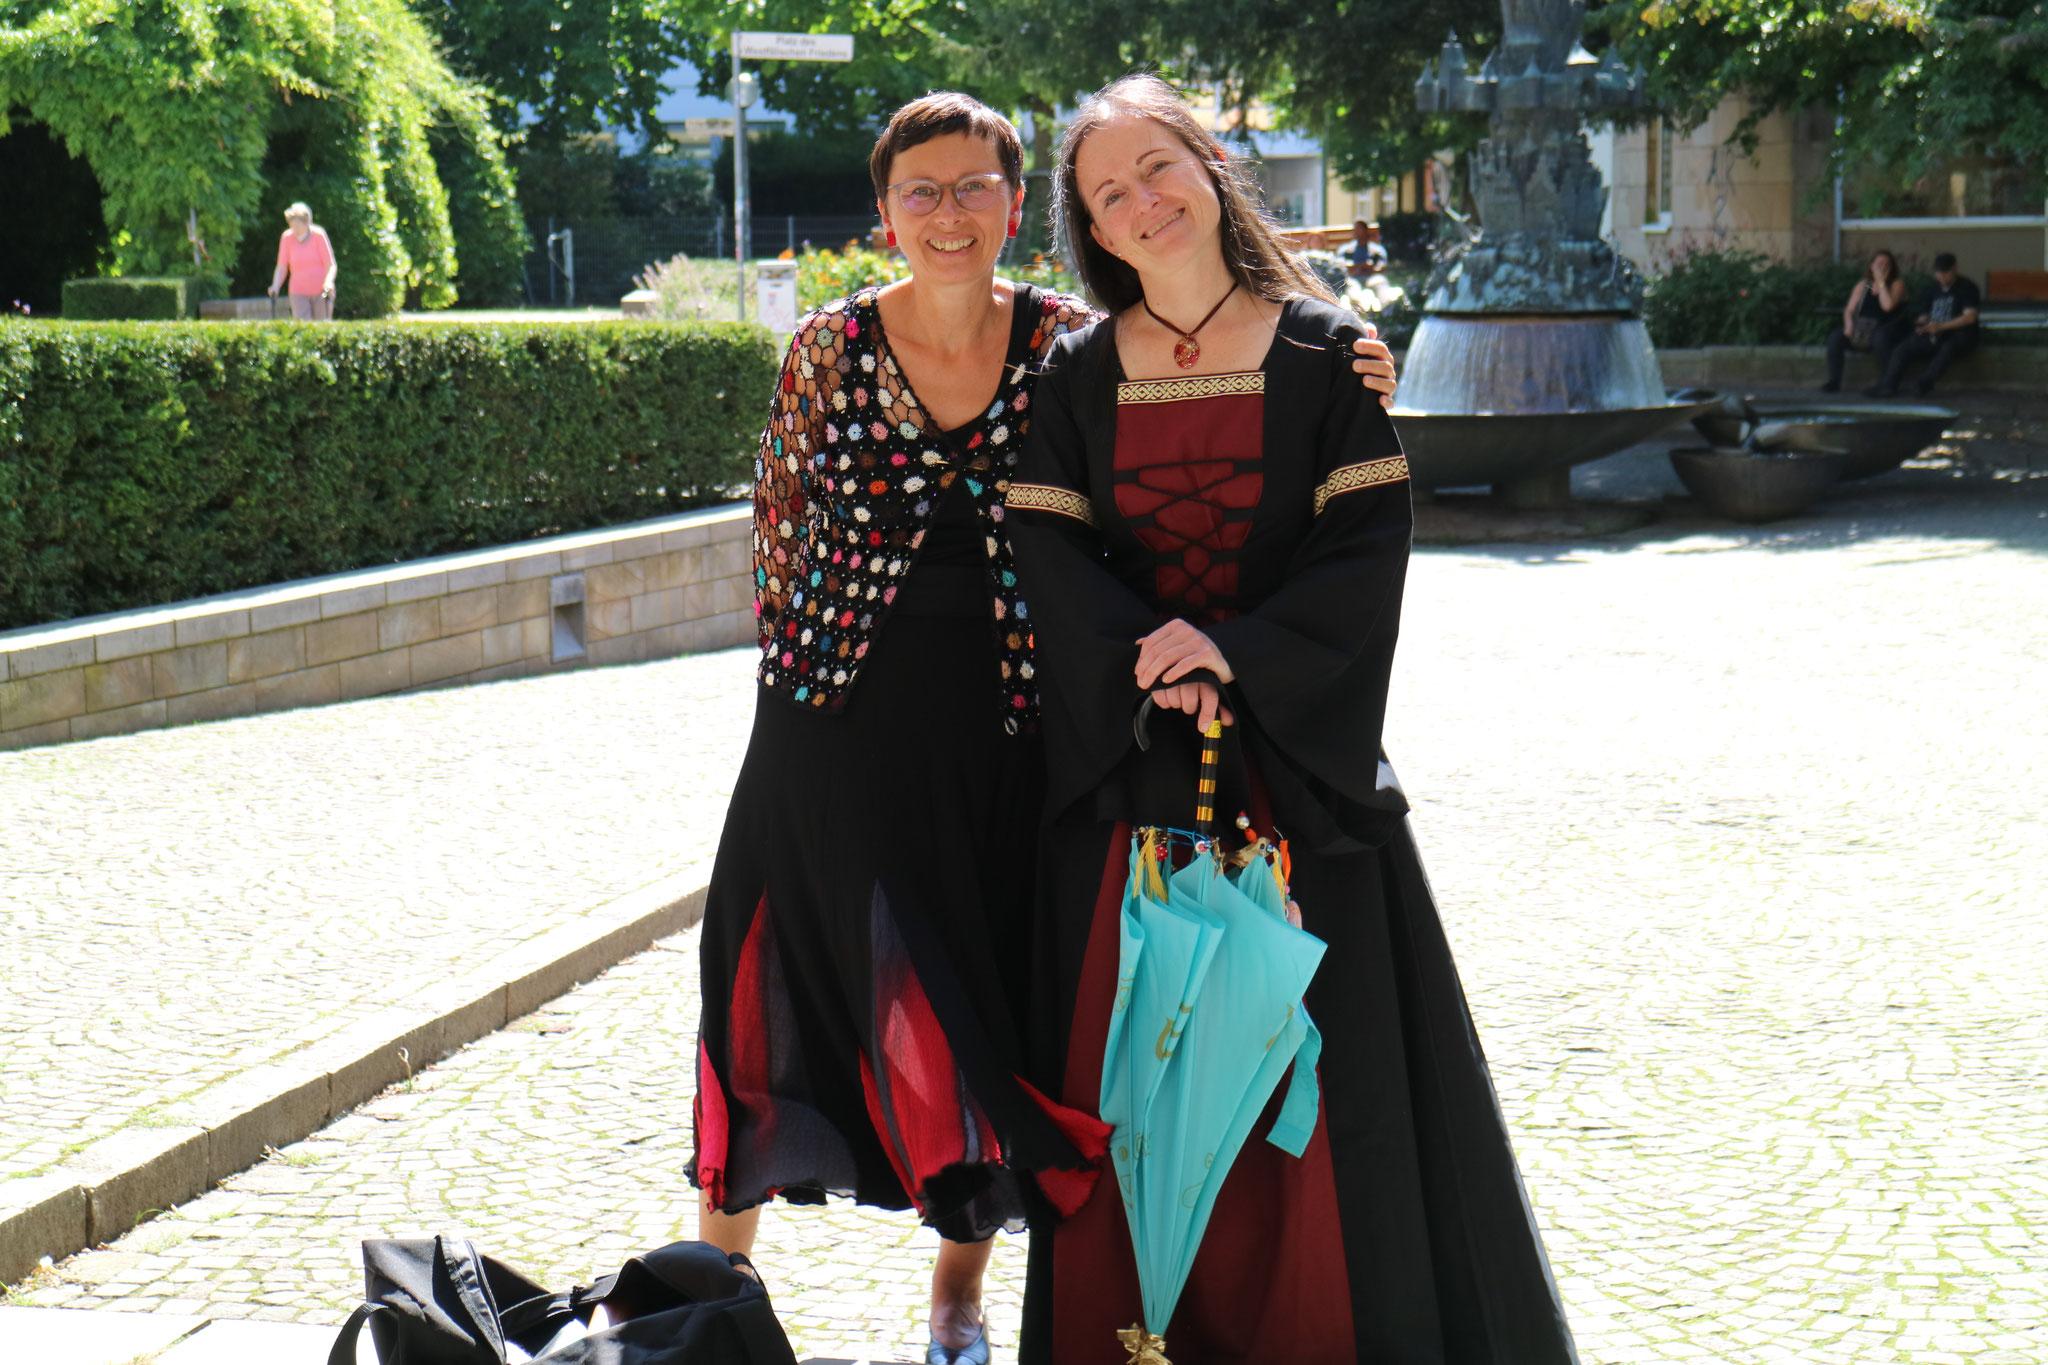 Osnabrücker Märchensamstag 2021 - Monika Gehle und Verena Maretzki Fotos: Erzähltheater Osnabrück / Sabine Meyer